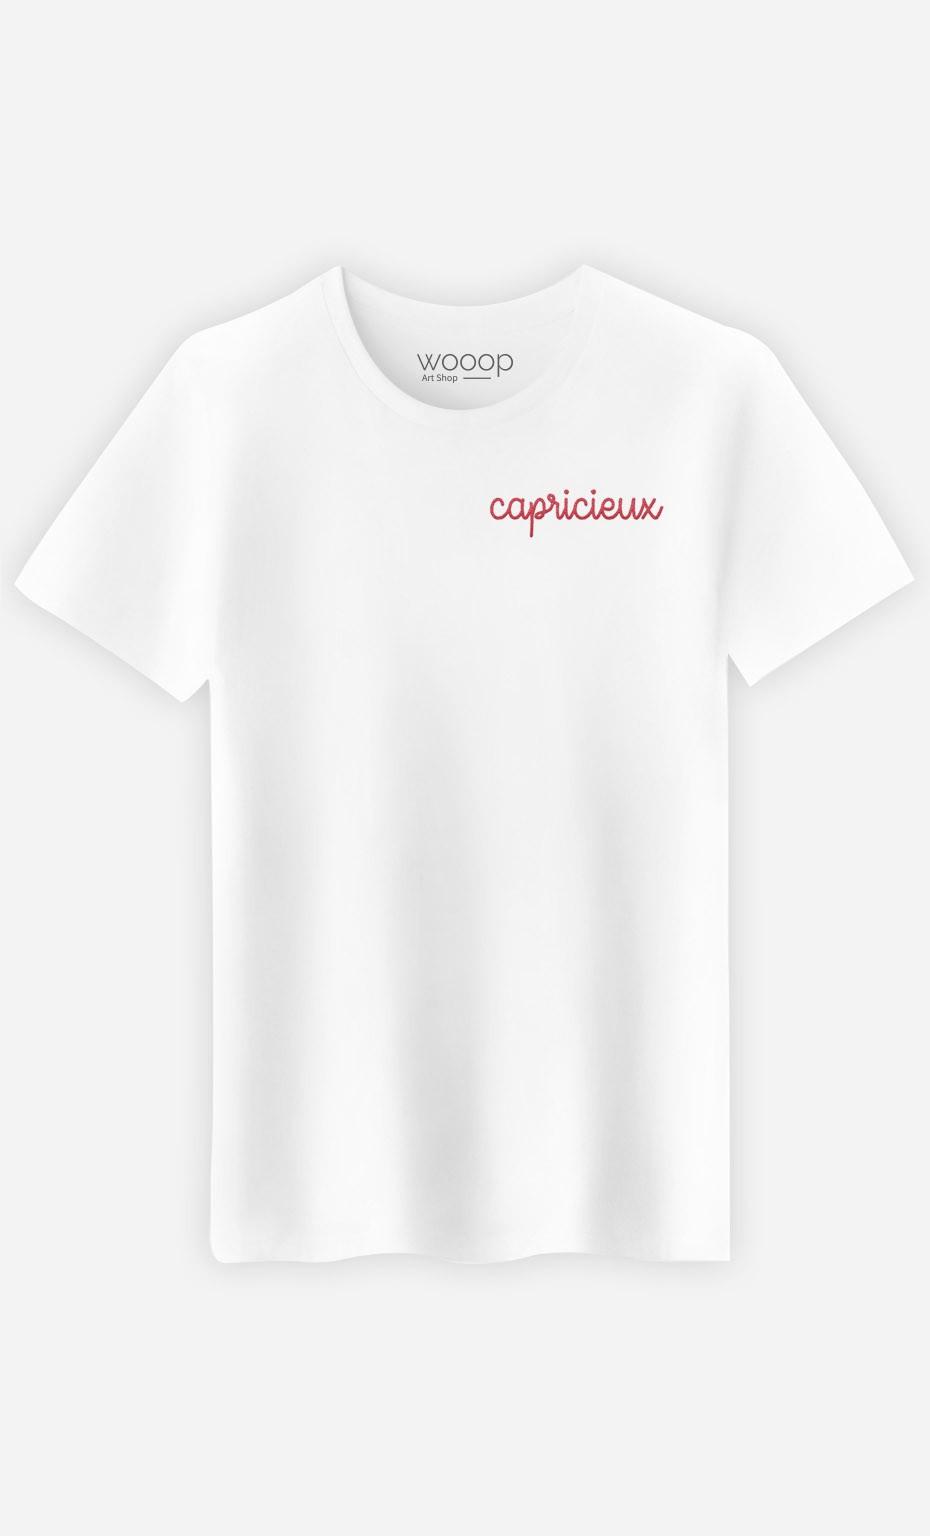 T-shirt Capricieux - brodé